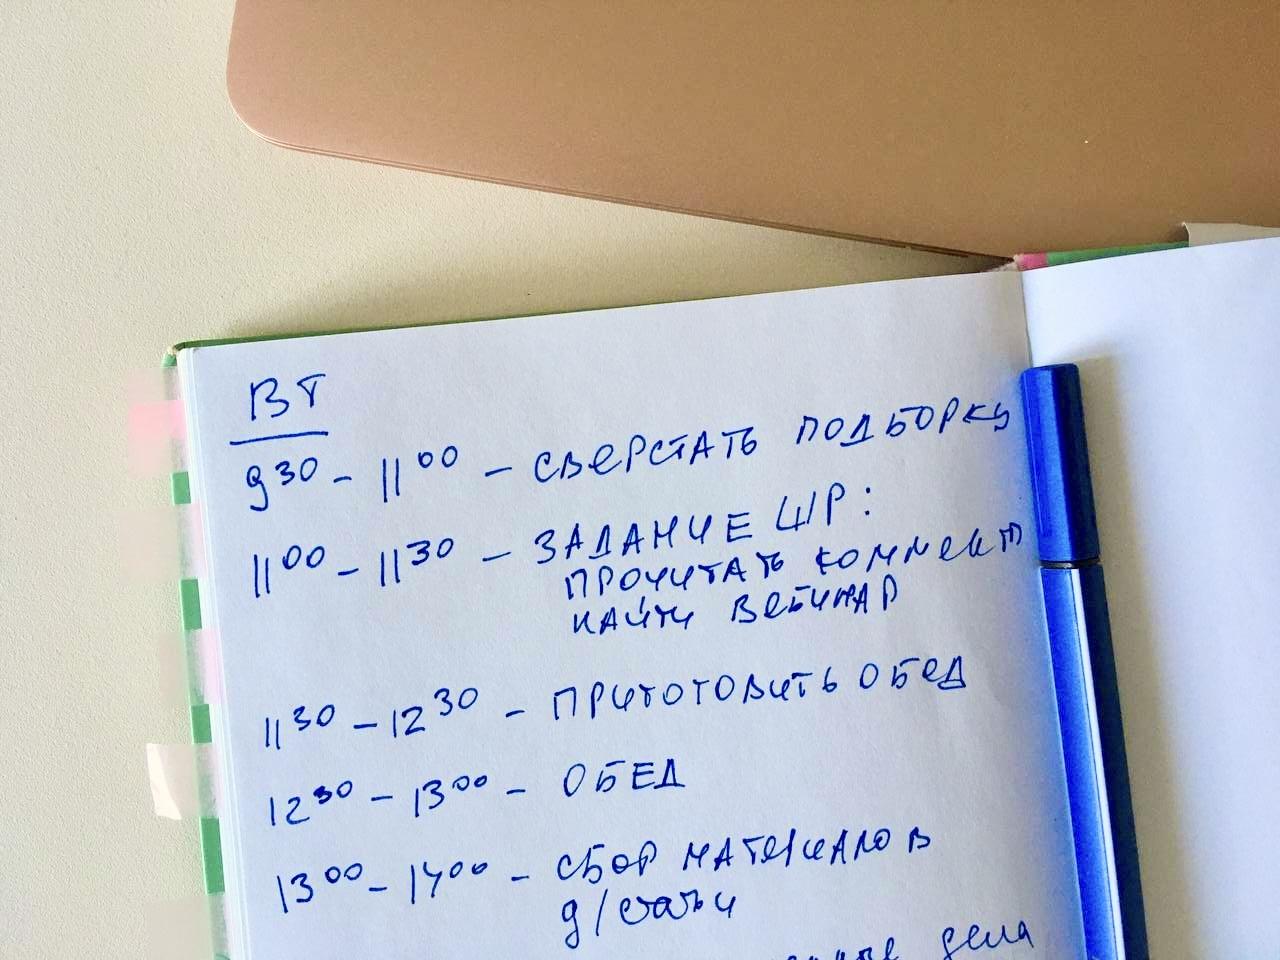 Однозадачность: план на день.